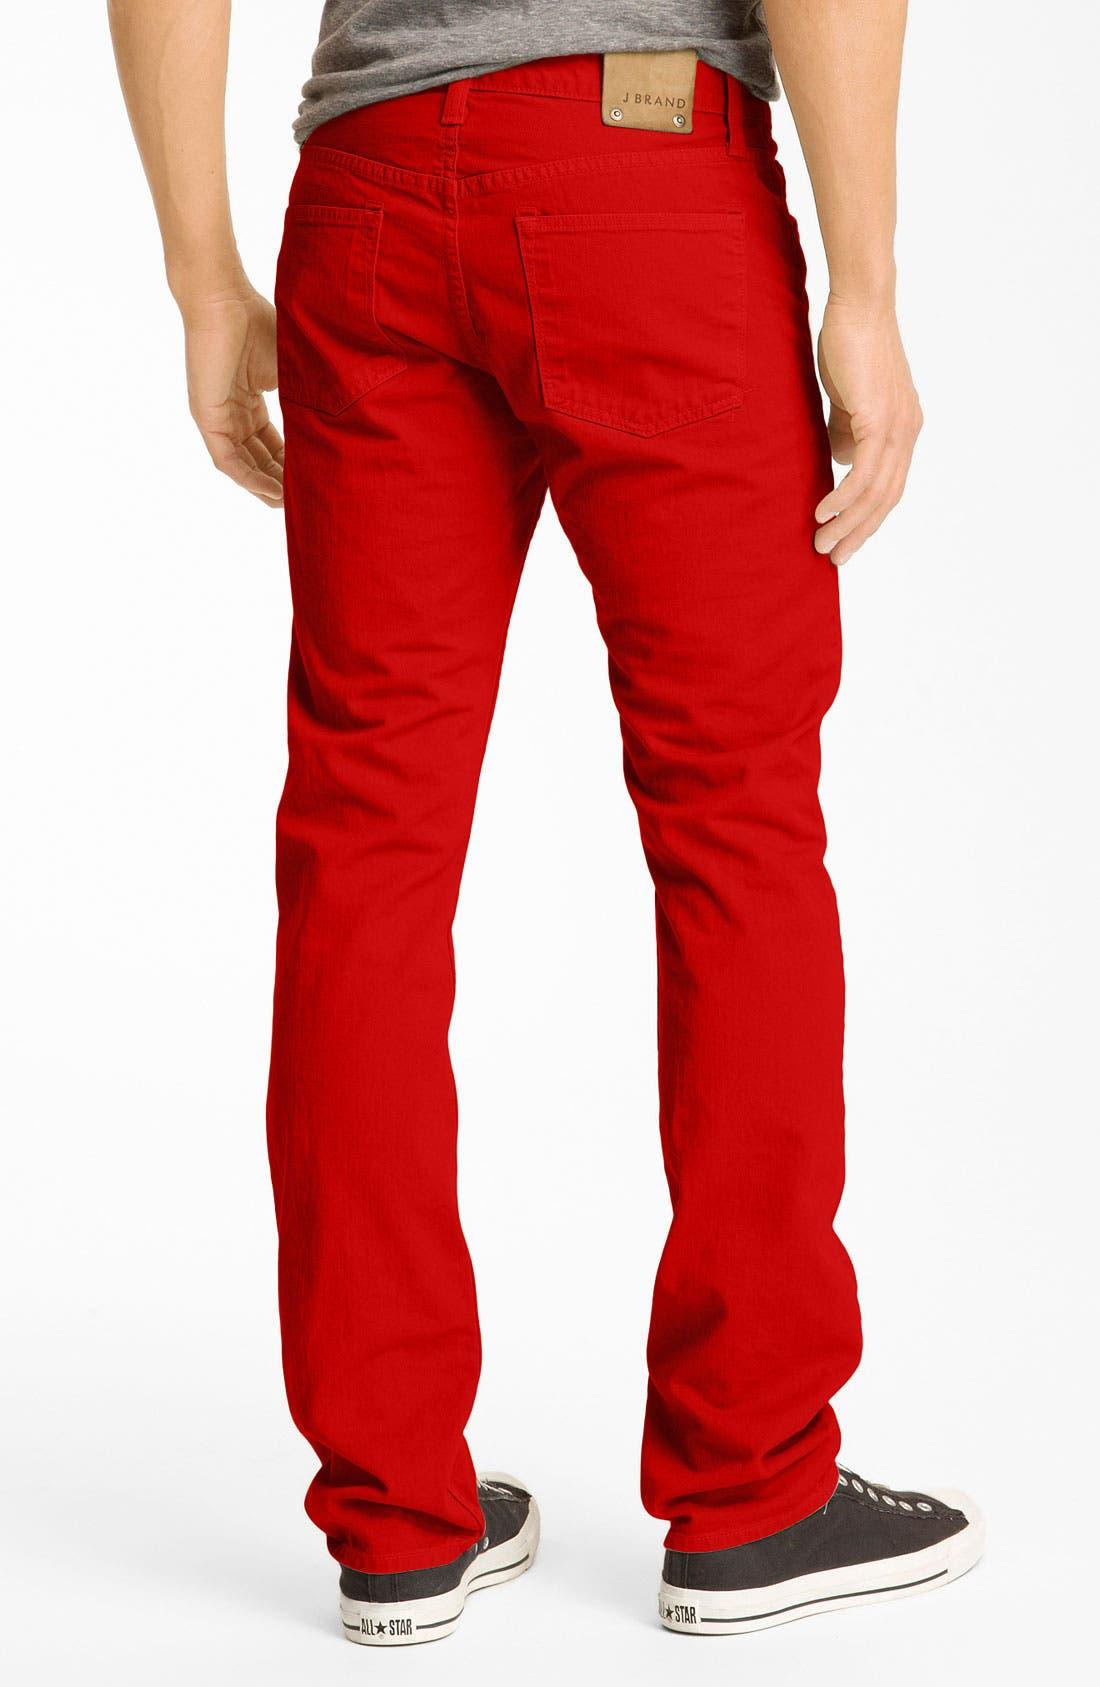 Alternate Image 1 Selected - J Brand 'Kane' Slim Straight Leg Jeans (Buoy Red)